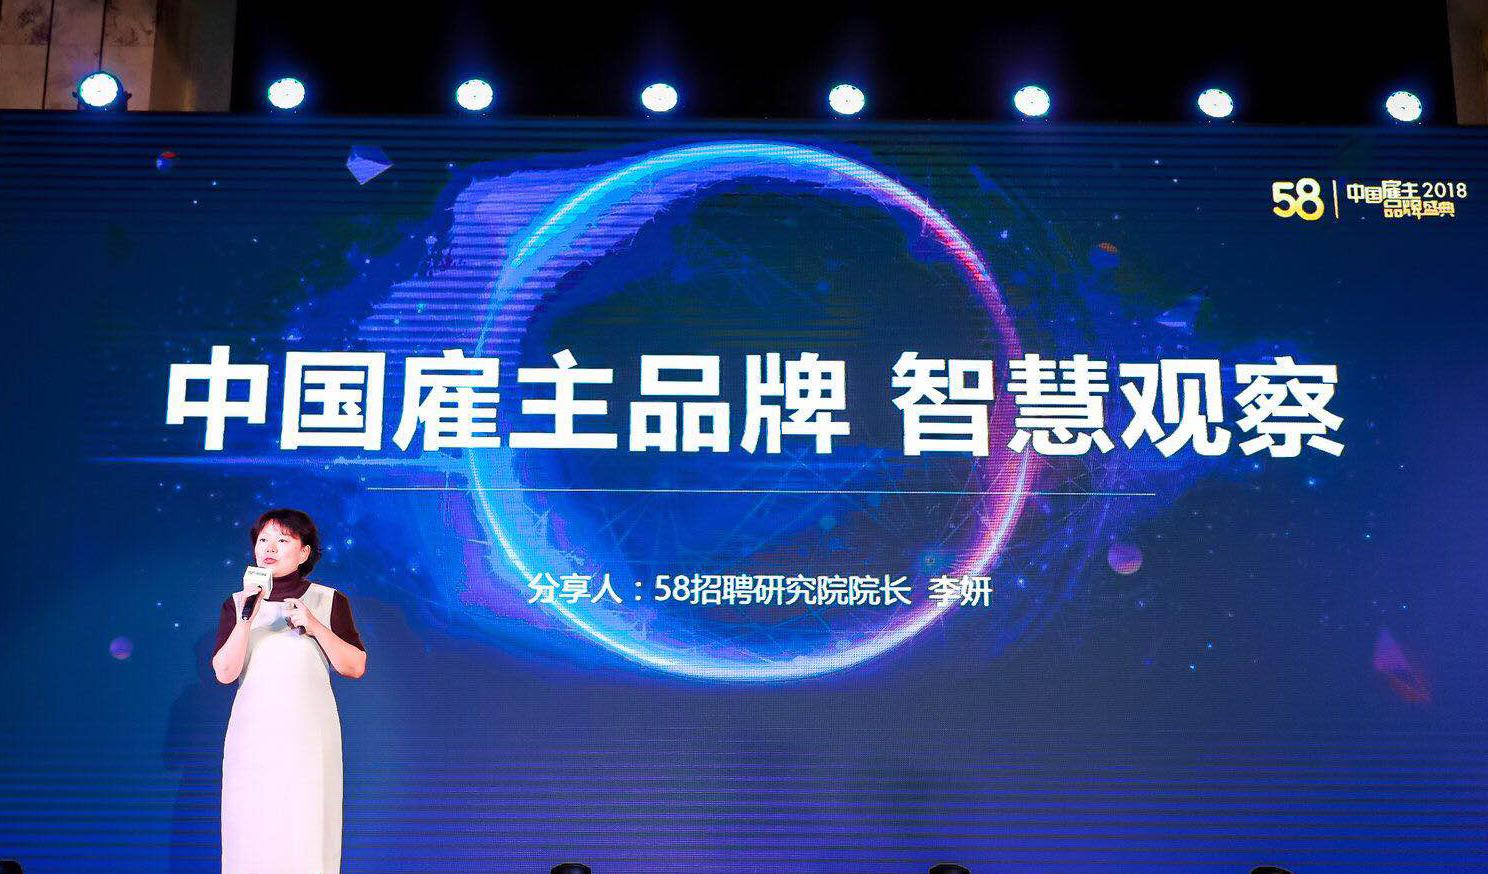 """58同城""""2018中国雇主品牌盛典""""上海站举办"""